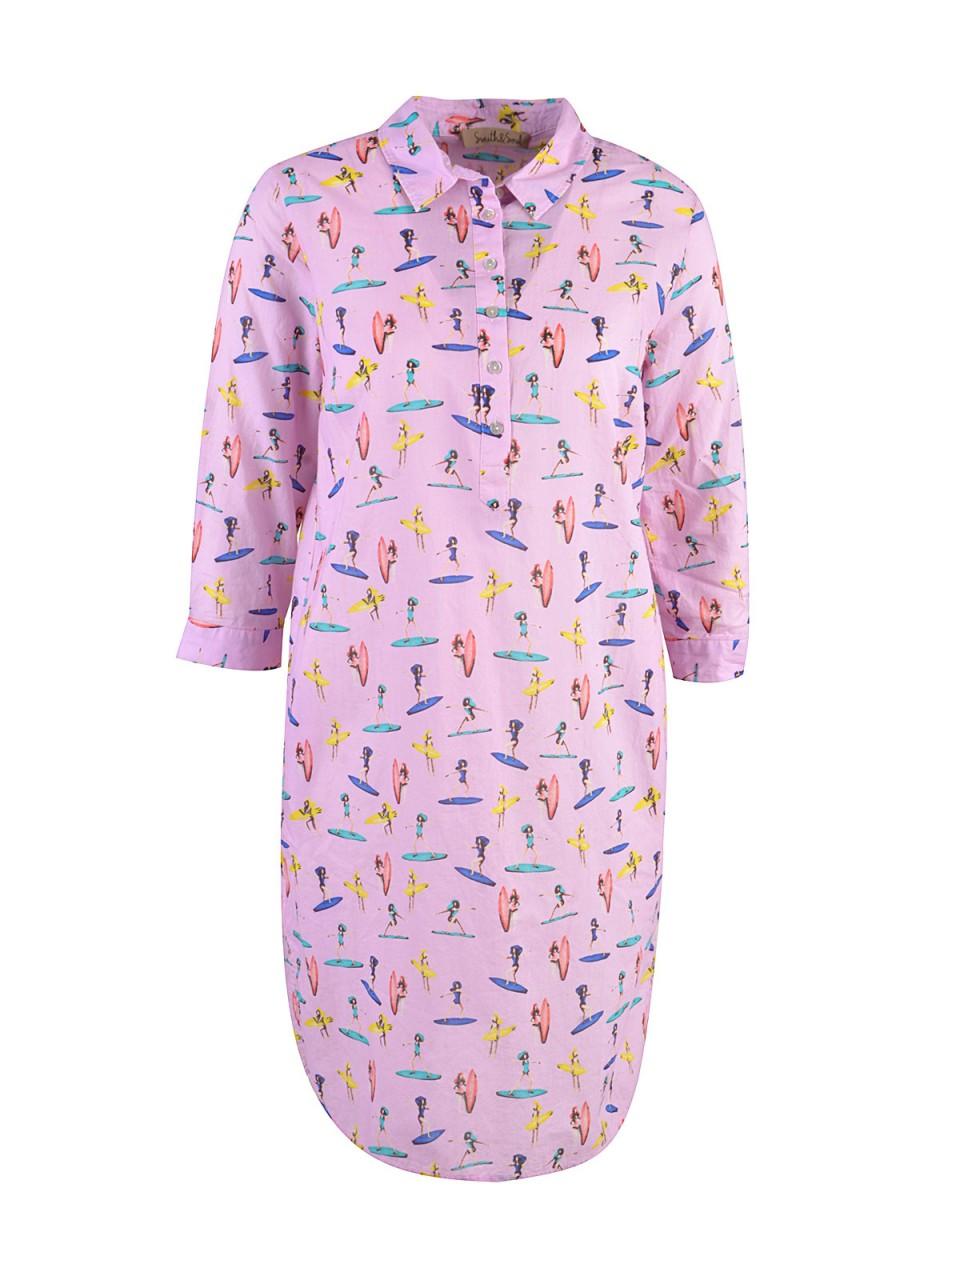 Kleider - SMITH SOUL Damen Kleid, pink  - Onlineshop Designermode.com